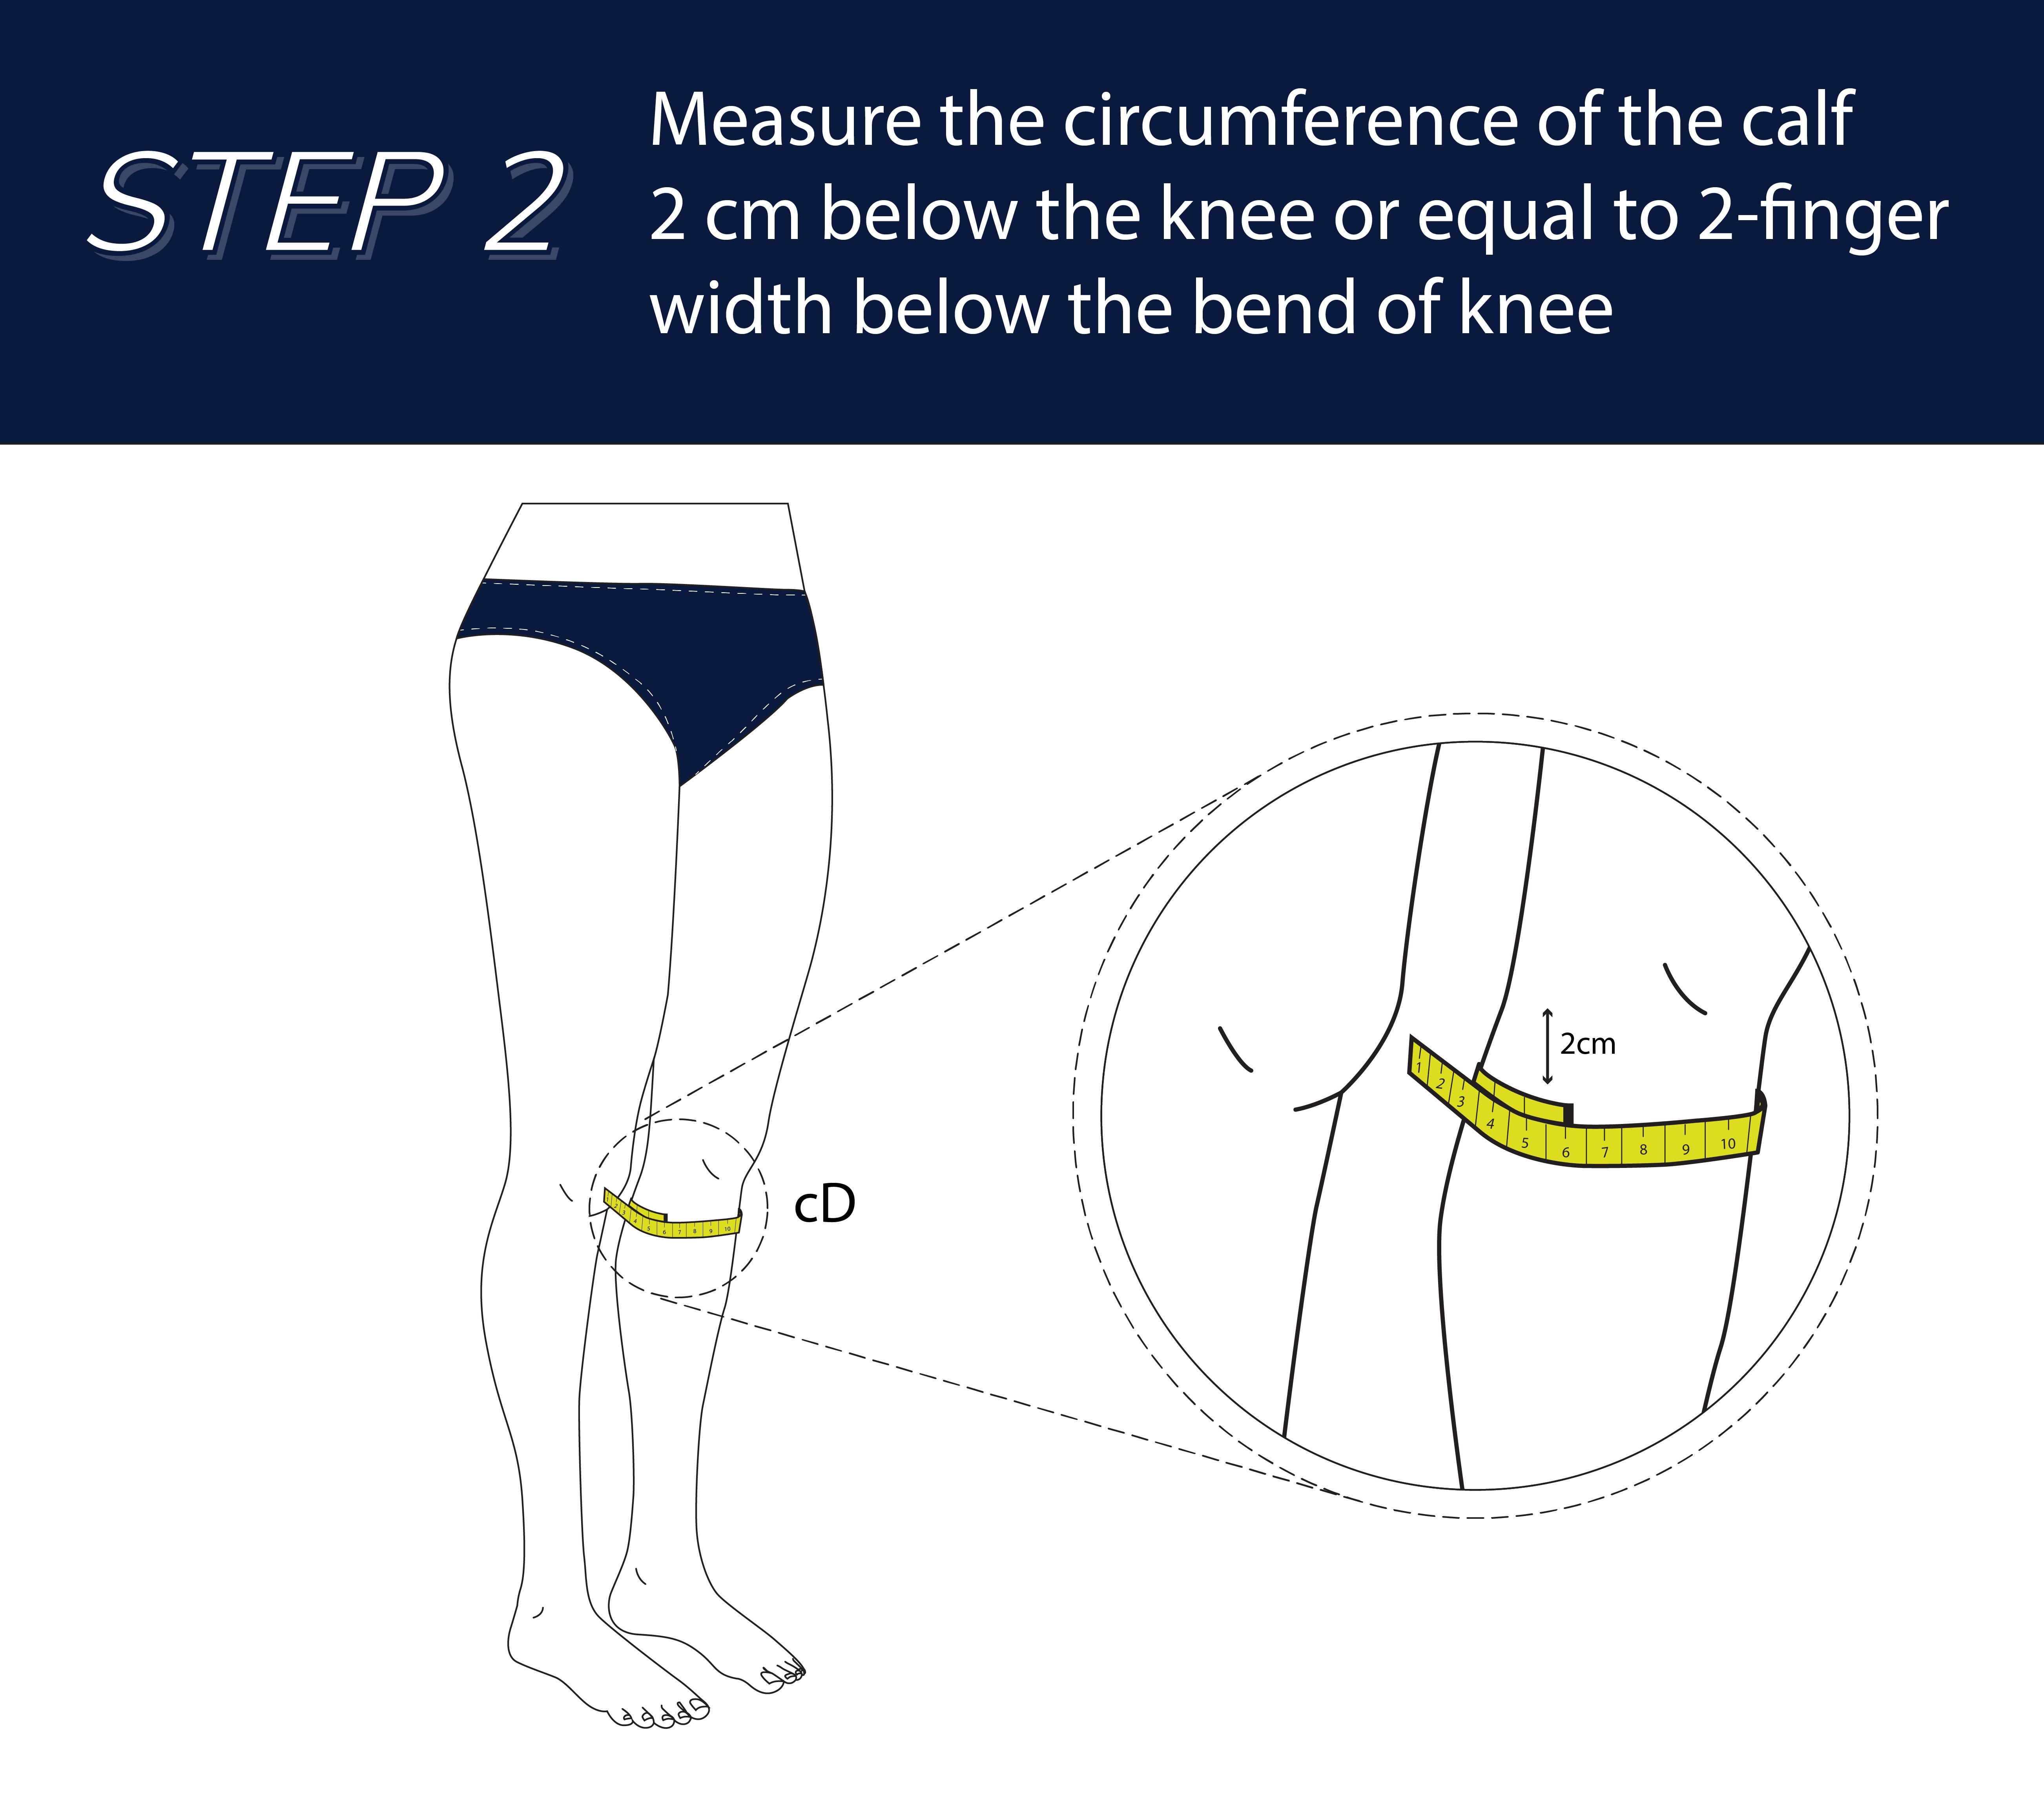 Bend of Knee